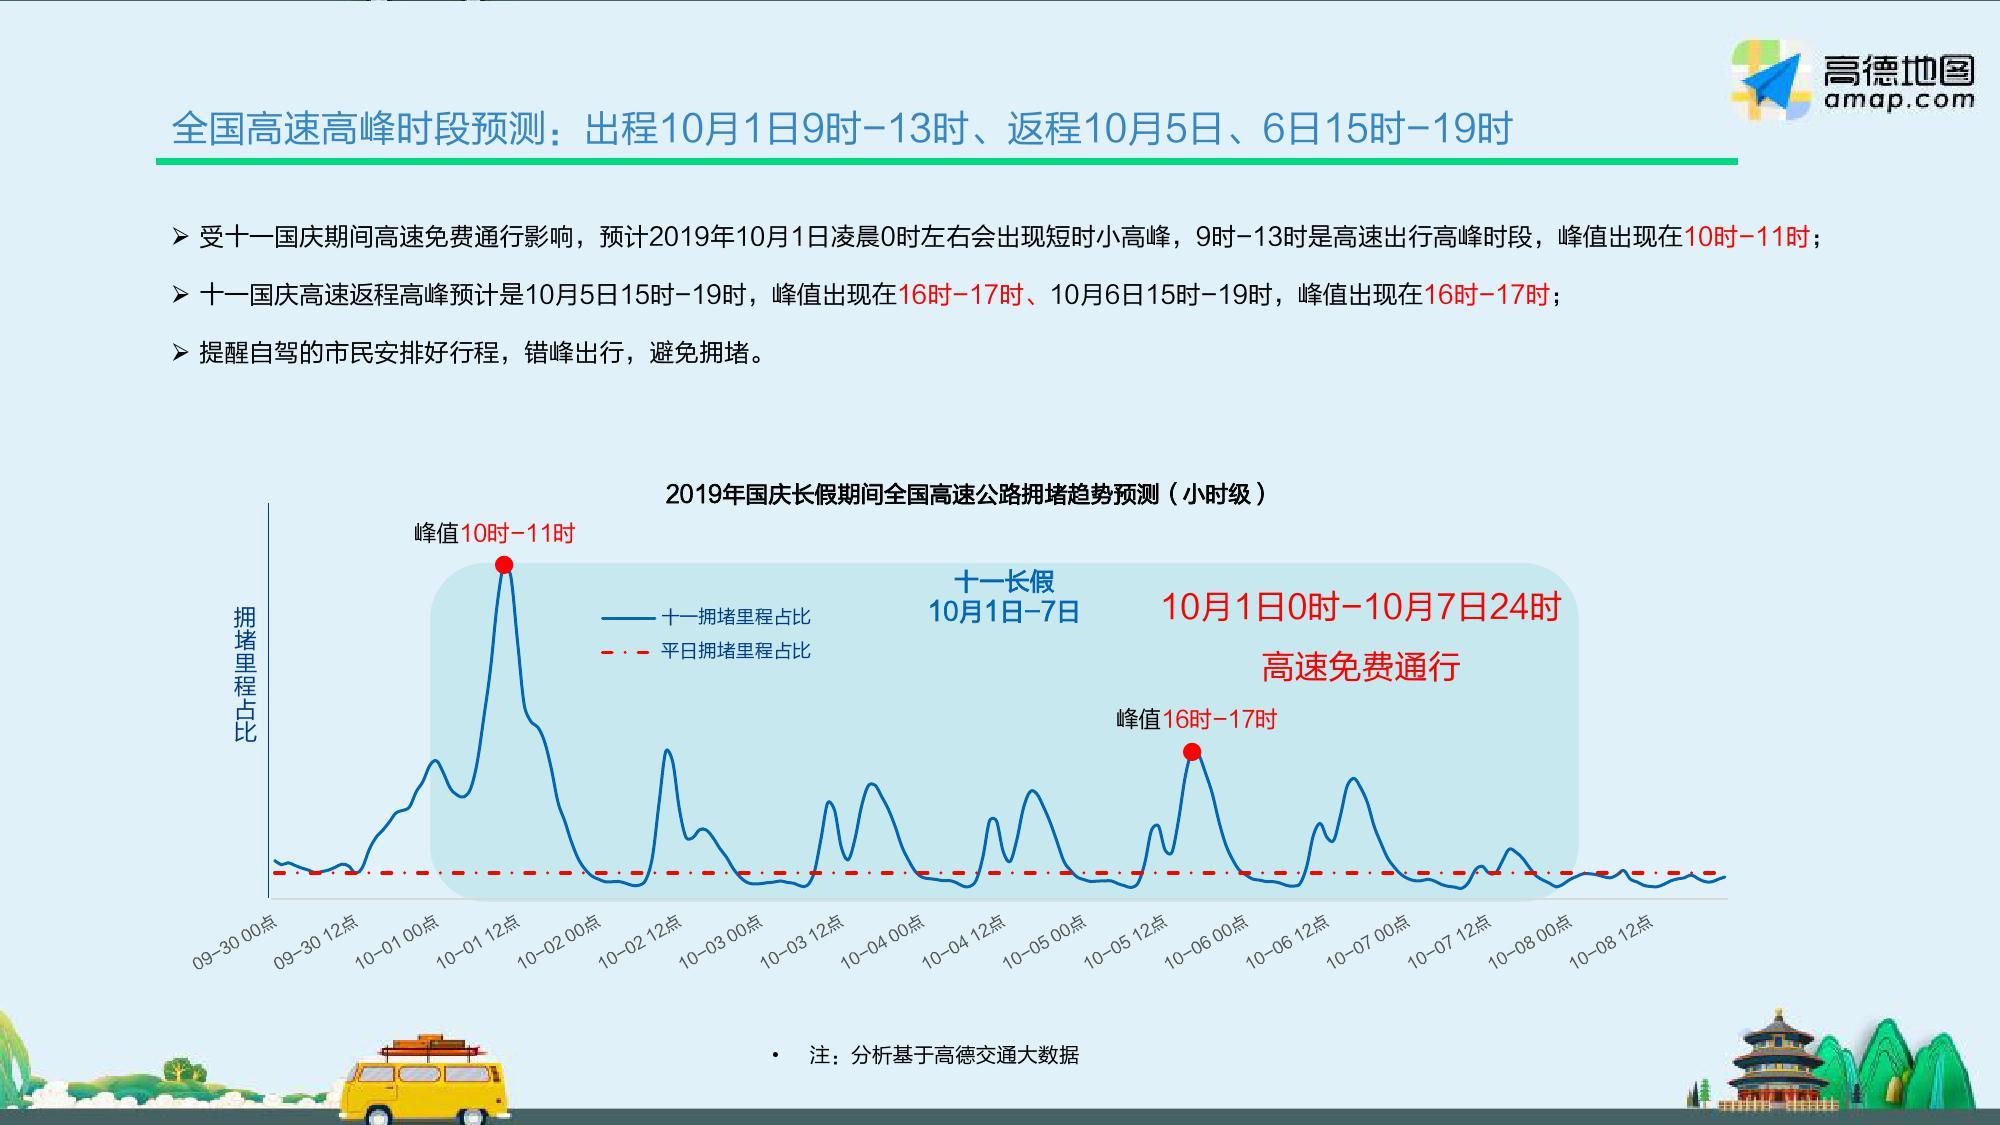 高德地图:2019中秋·国庆假期出行预测报告(199it)